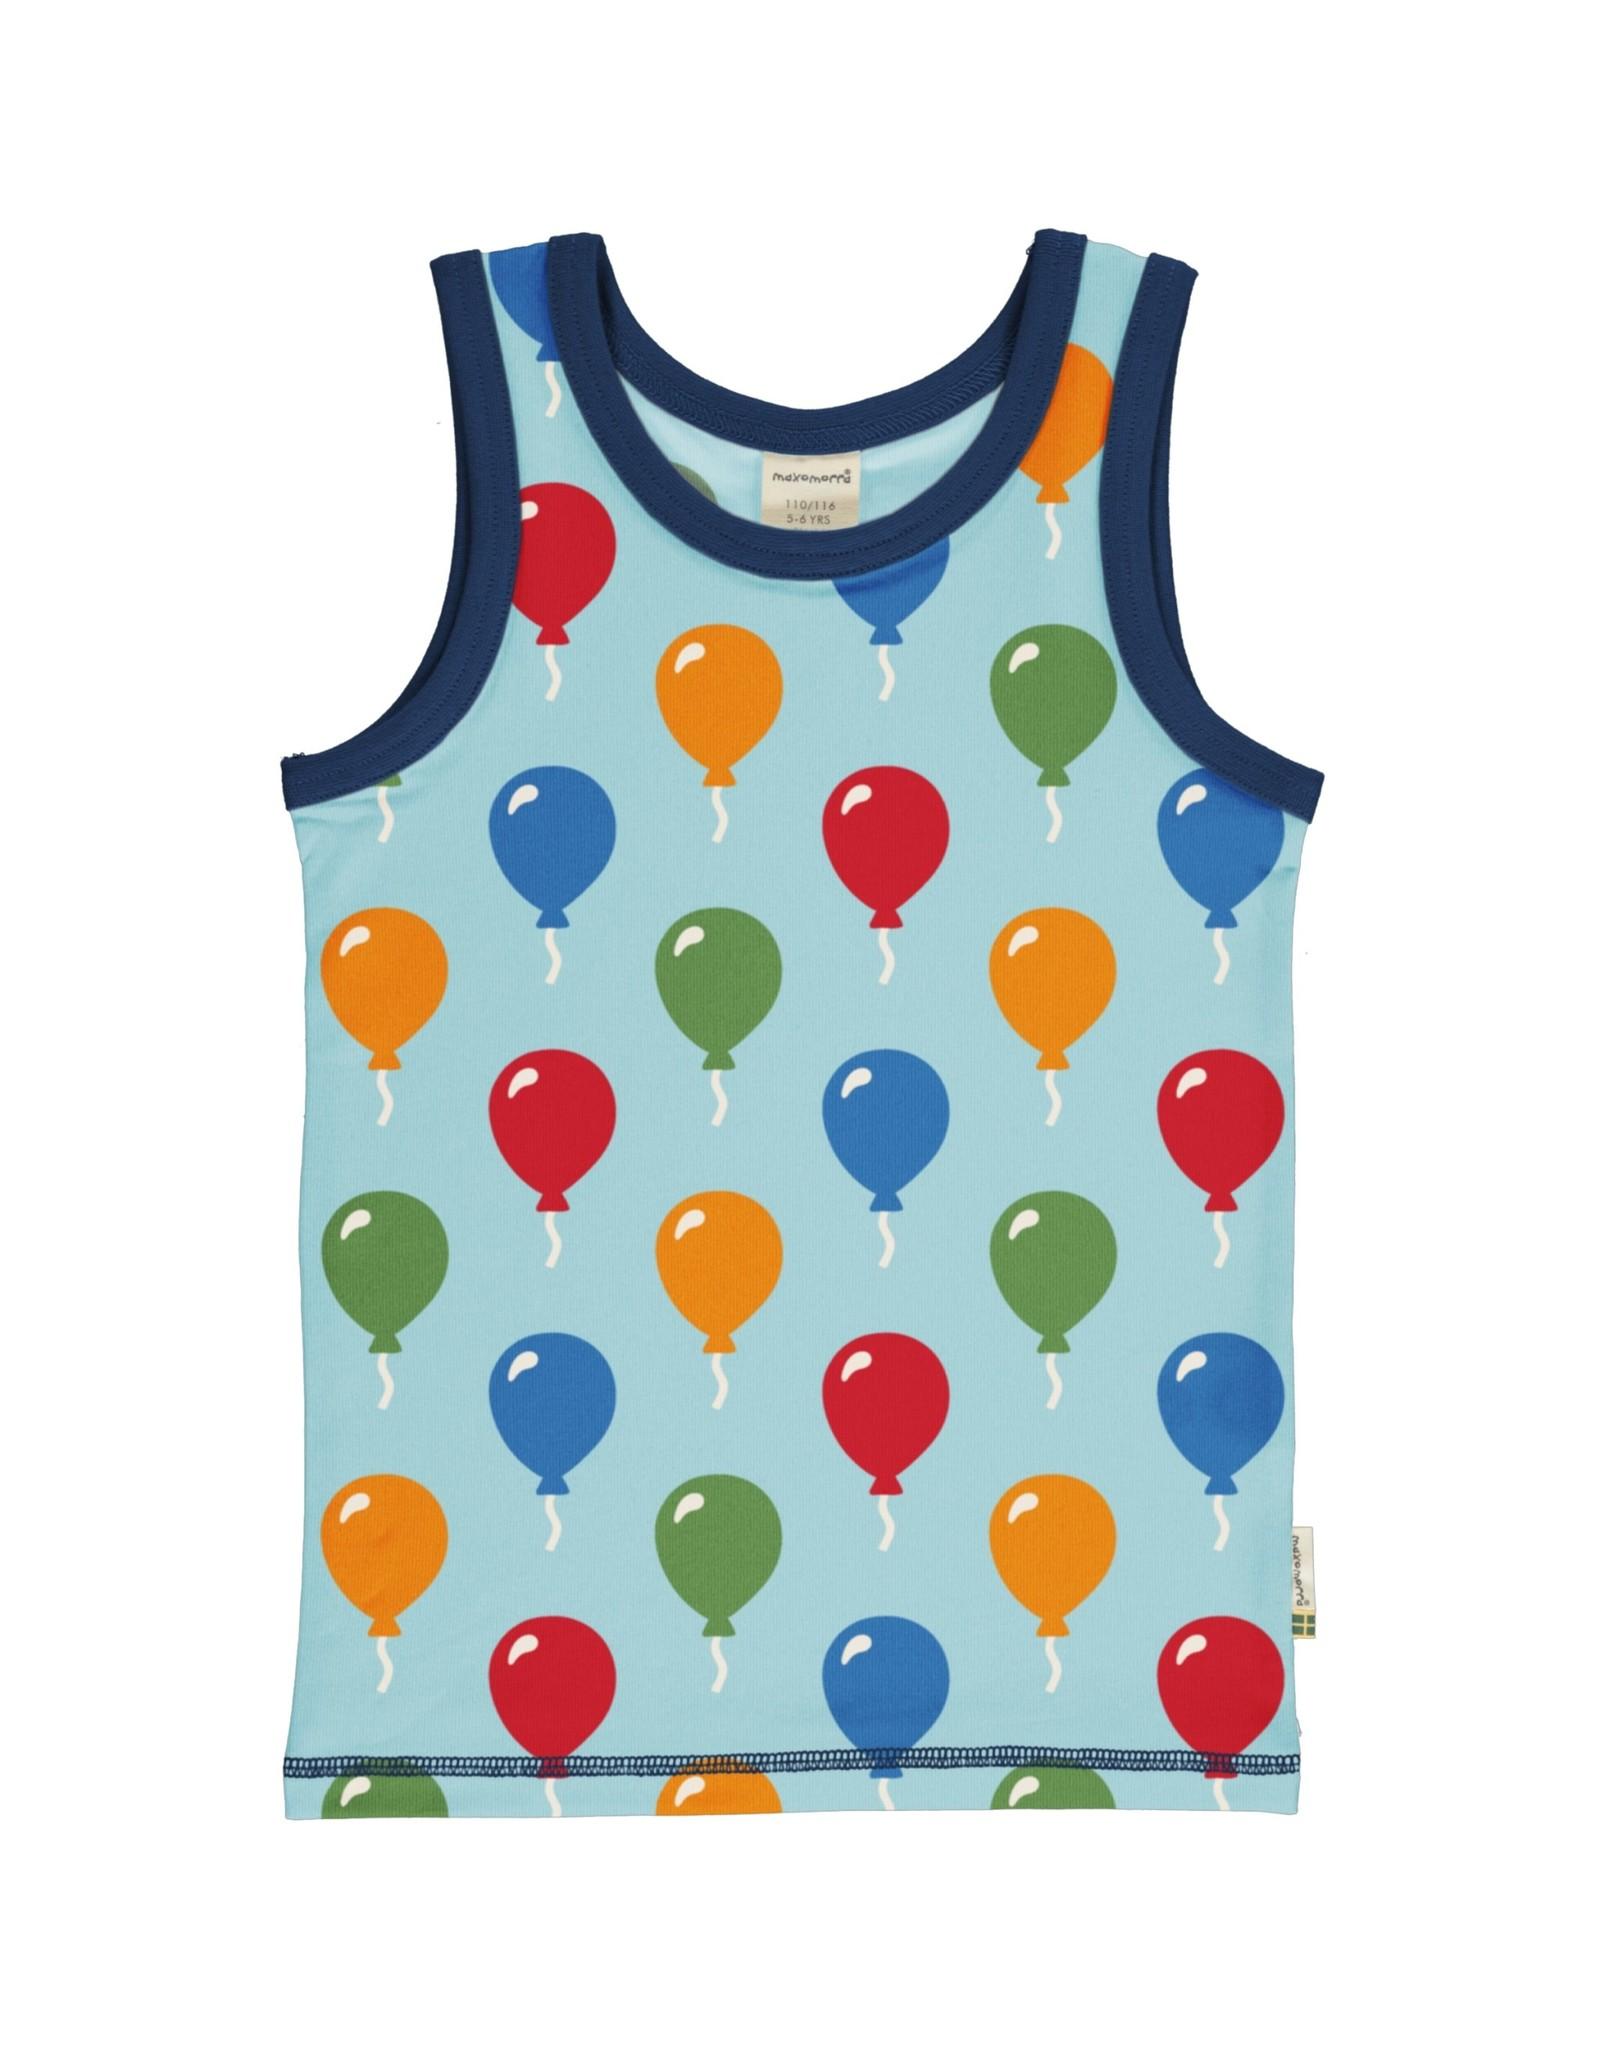 Maxomorra Mouwloze t-shirt met ballonnen